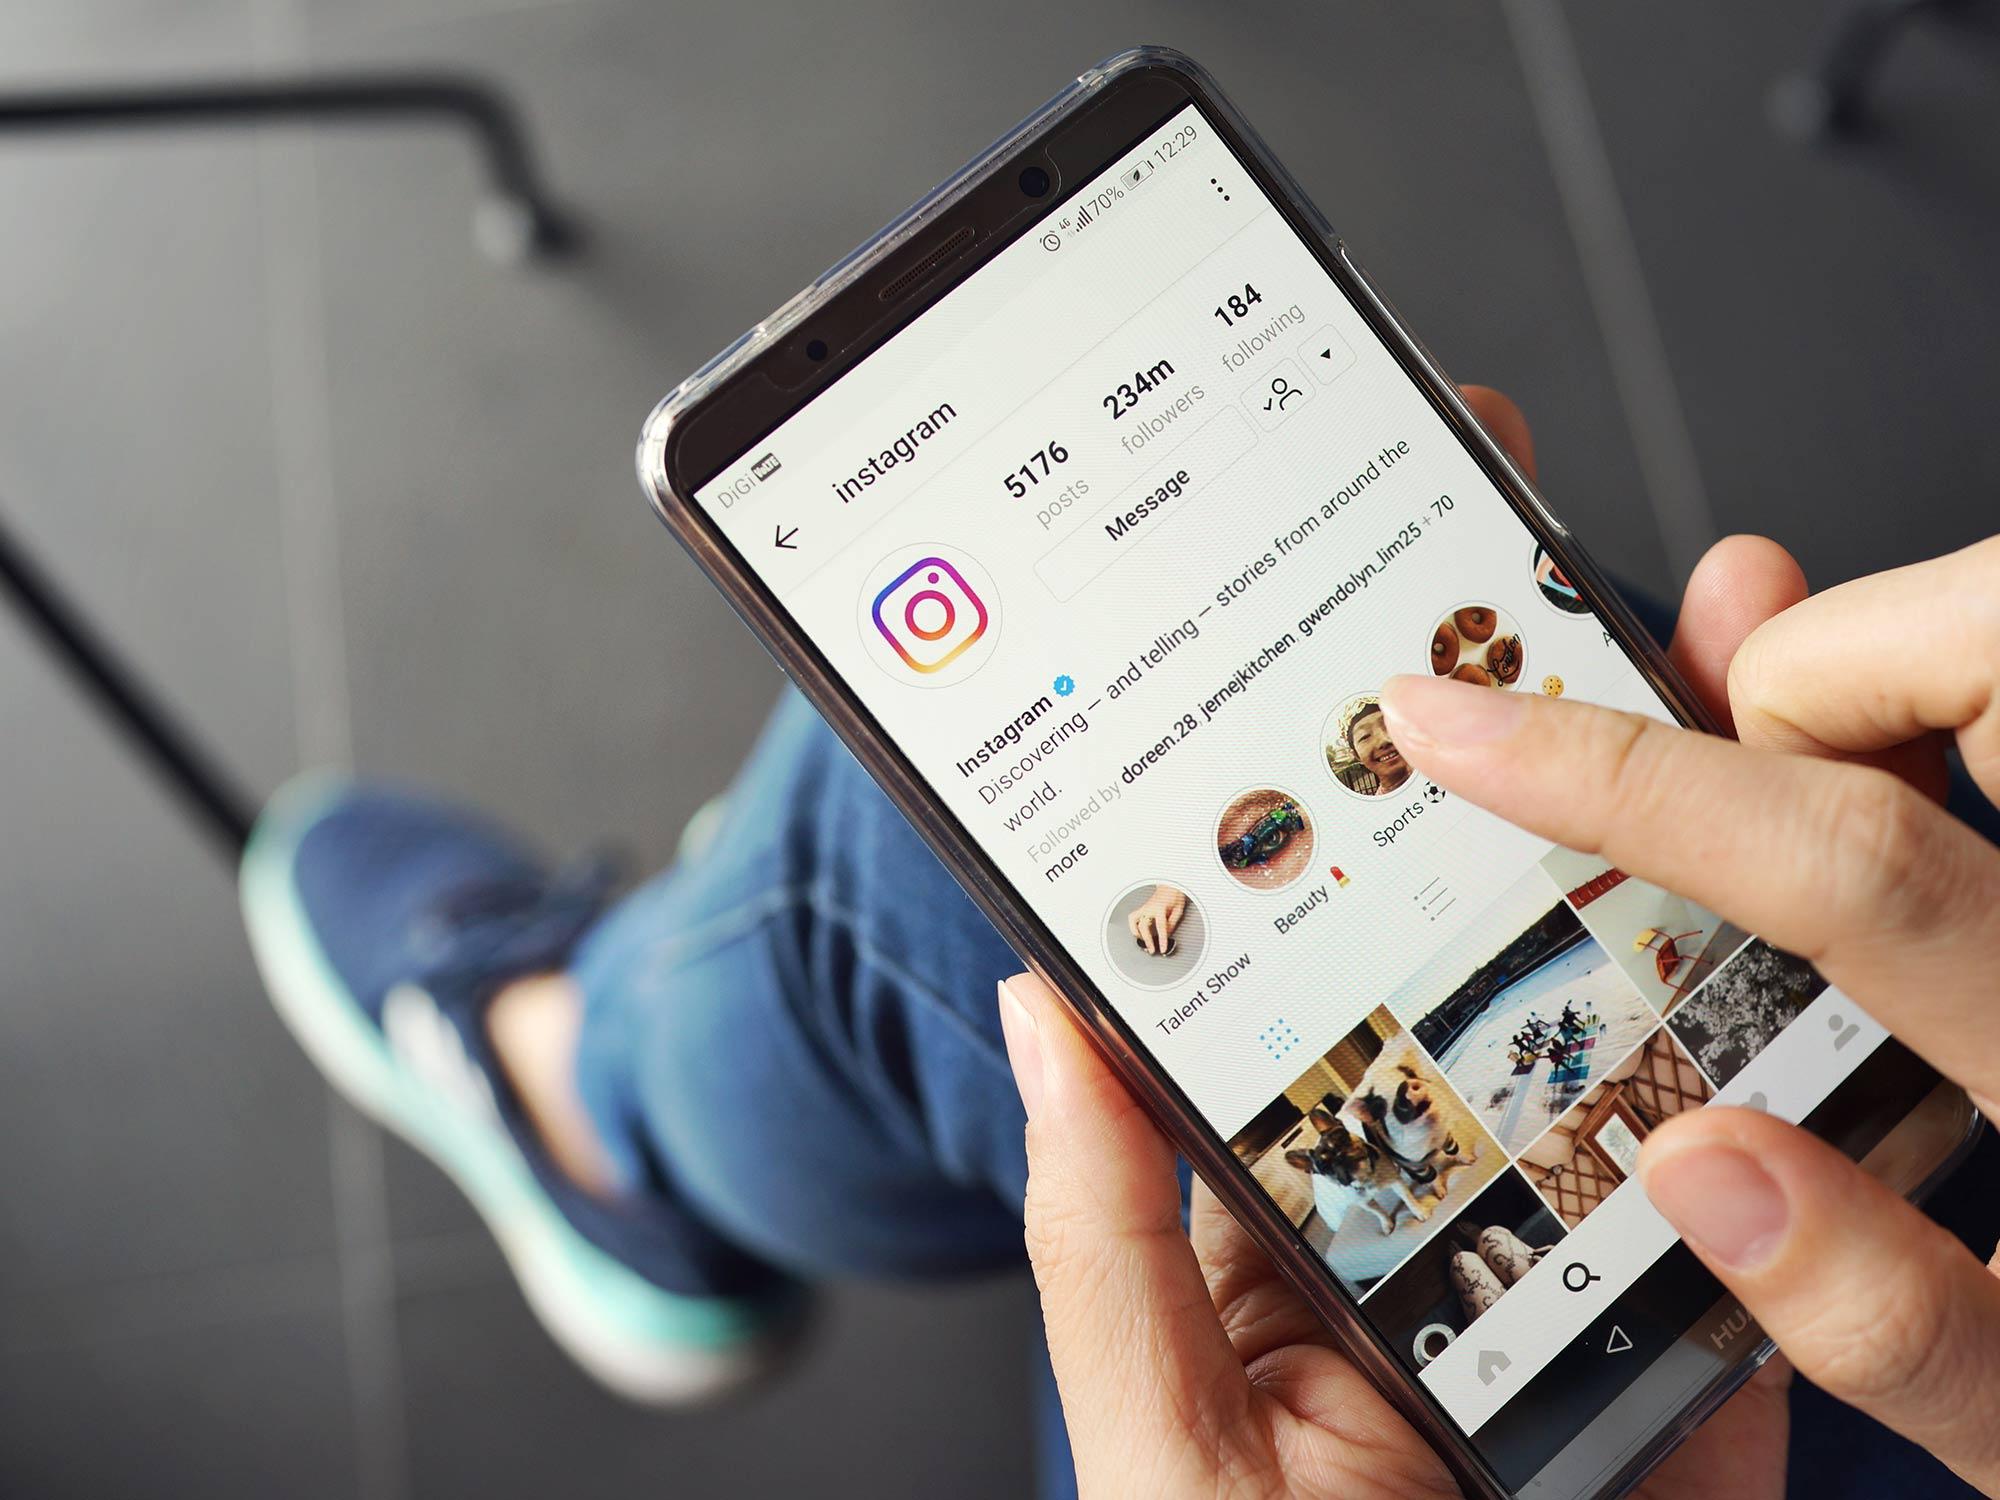 astuces pour augmenter votre nombre d'abonnés Instagram -Agence Sharing